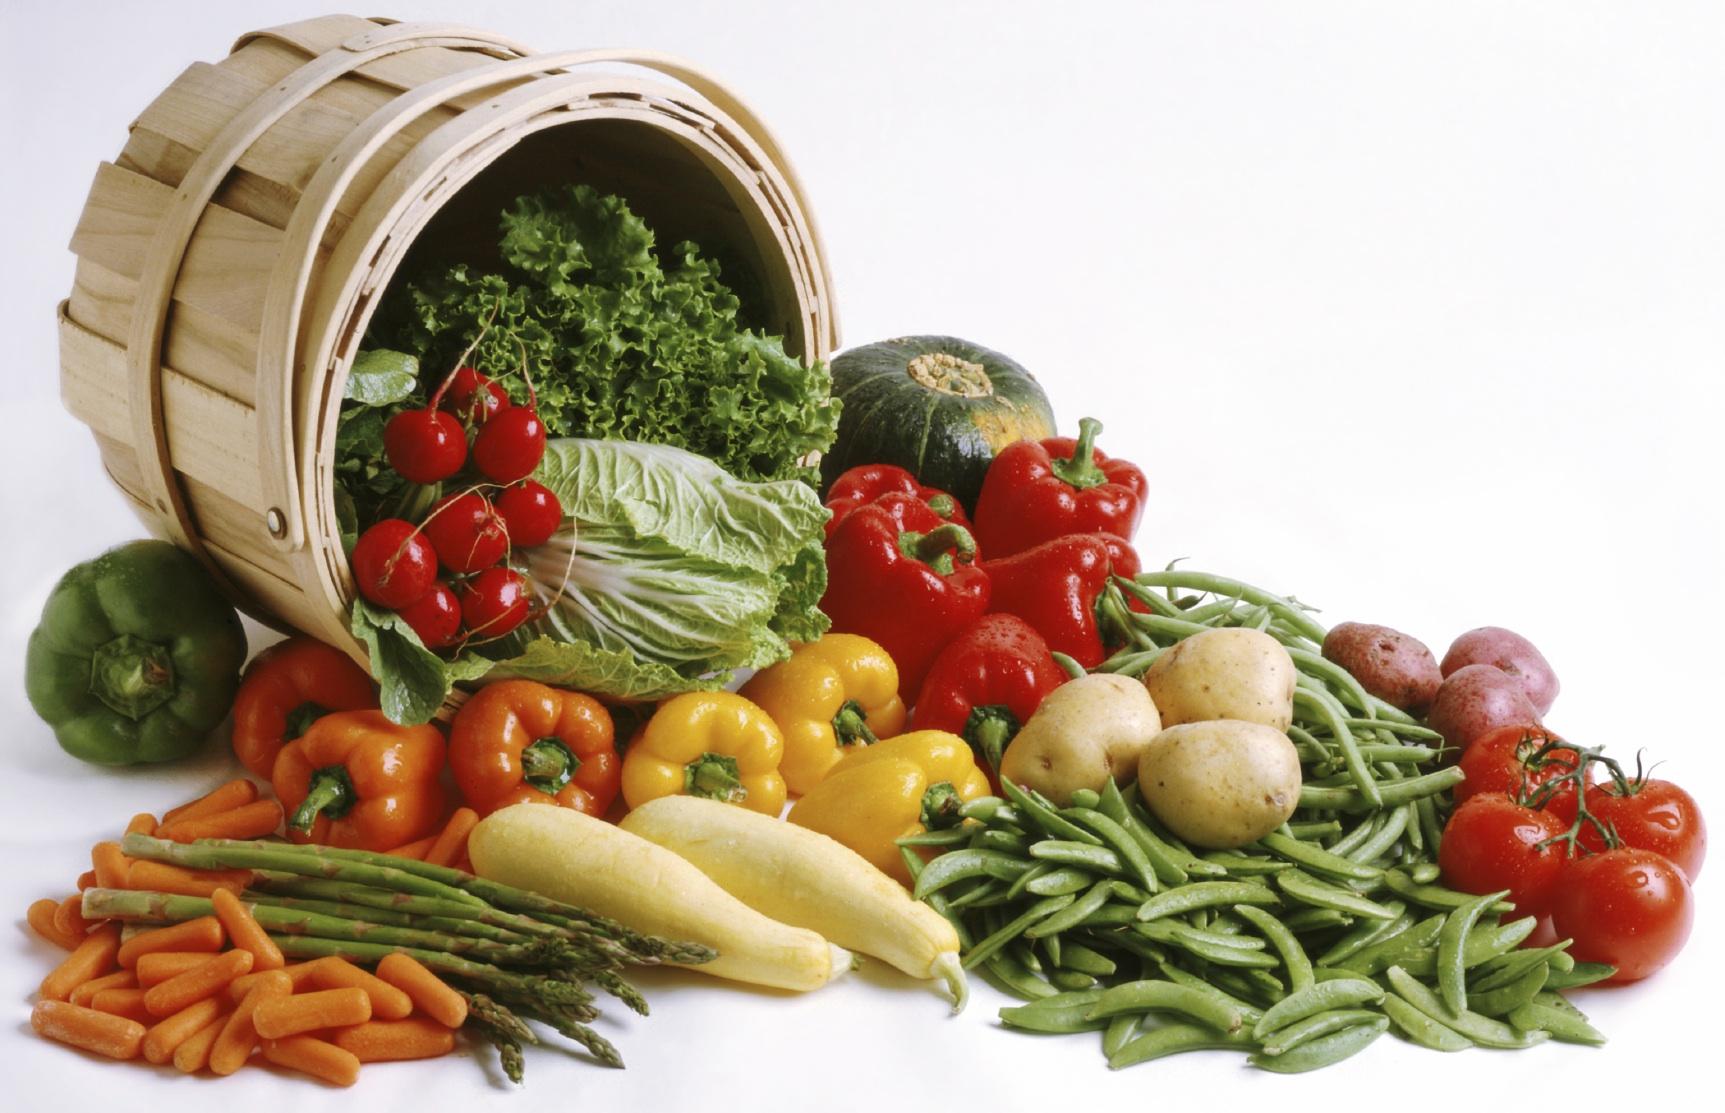 Vegetables #1